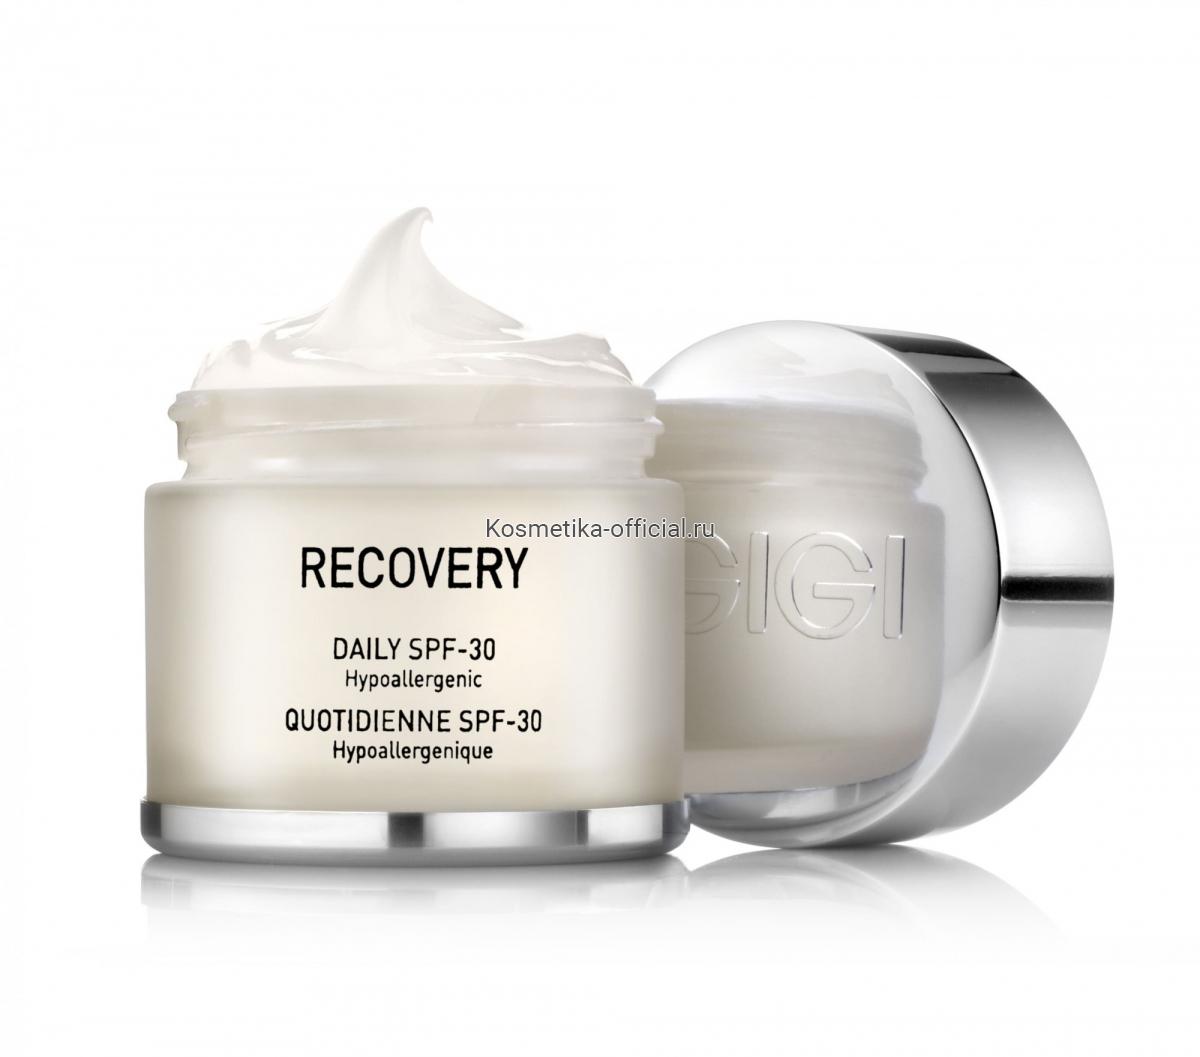 Recovery Крем увлажняющий, восстанавливающий, SPF 30, 50 мл.